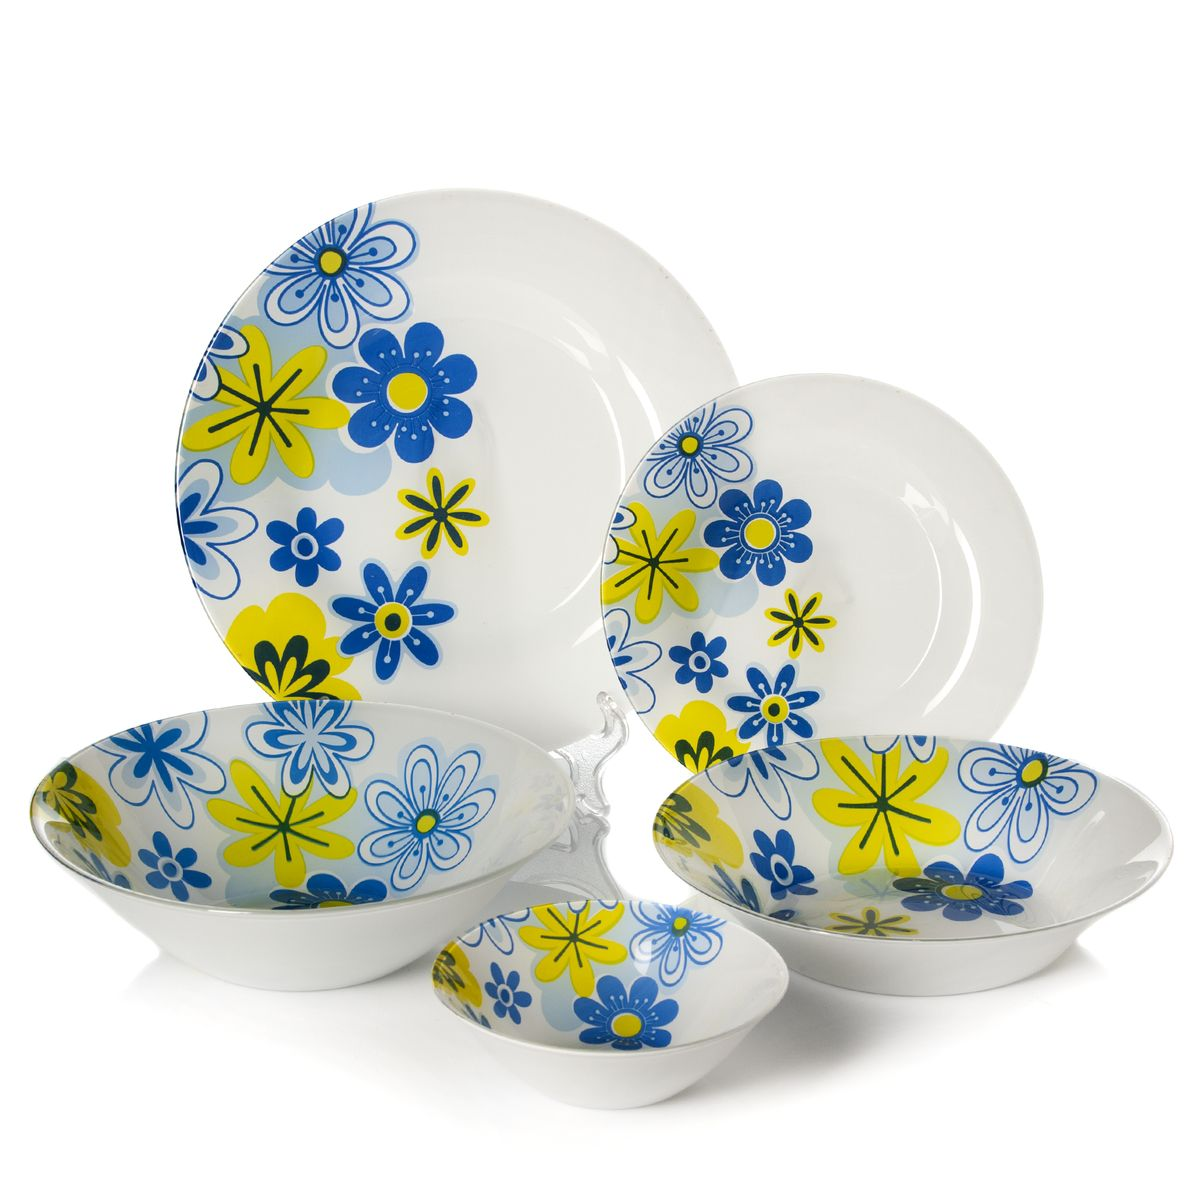 Набор столовый Pasabahce Spring, цвет: белый, голубой, 25 предметов11607-20Столовый набор Pasabahce Spring состоит из шести суповых тарелок, шести десертных тарелок, шести обеденных тарелок и семи салатников. Предметы набора выполнены из натрий-кальций-силикатного стекла, благодаря чему посуда будет использоваться очень долго, при этом сохраняя свой внешний вид. Предметы набора имеют повышенную термостойкость. Набор создаст отличное настроение во время обеда, будет уместен на любой кухне и понравится каждой хозяйке. Красочное оформление предметов набора придает ему оригинальность и торжественность. Практичный и современный дизайн делает набор довольно простым и удобным в эксплуатации.Предметы набора можно мыть в посудомоечной машине.Диаметр суповой тарелки: 22 см.Высота стенок суповой тарелки: 5 см.Диаметр обеденной тарелки: 26 см.Диаметр десертной тарелки: 19,5 см.Диаметр большого салатника: 23 см.Высота стенок большого салатника: 7 см.Диаметр салатника: 14 см.Высота стенок салатника: 4,5 см.